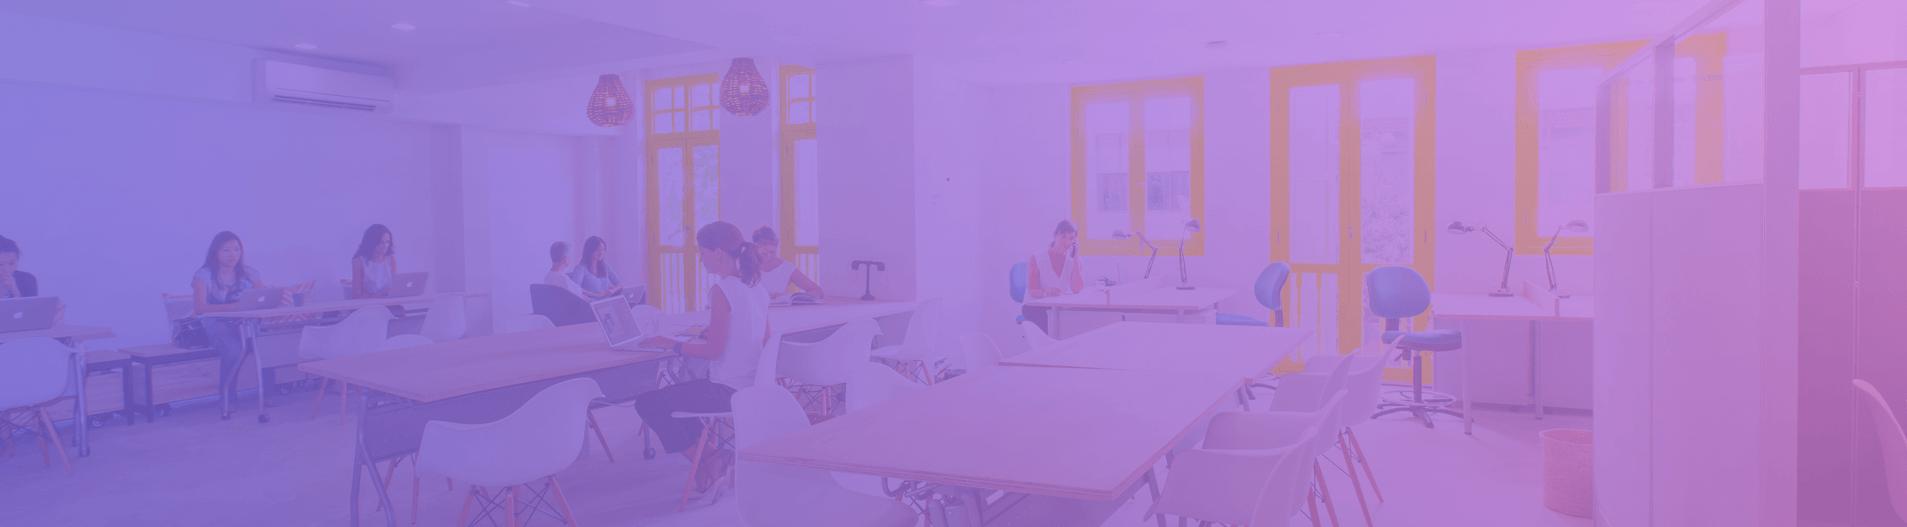 O que é Coworking?